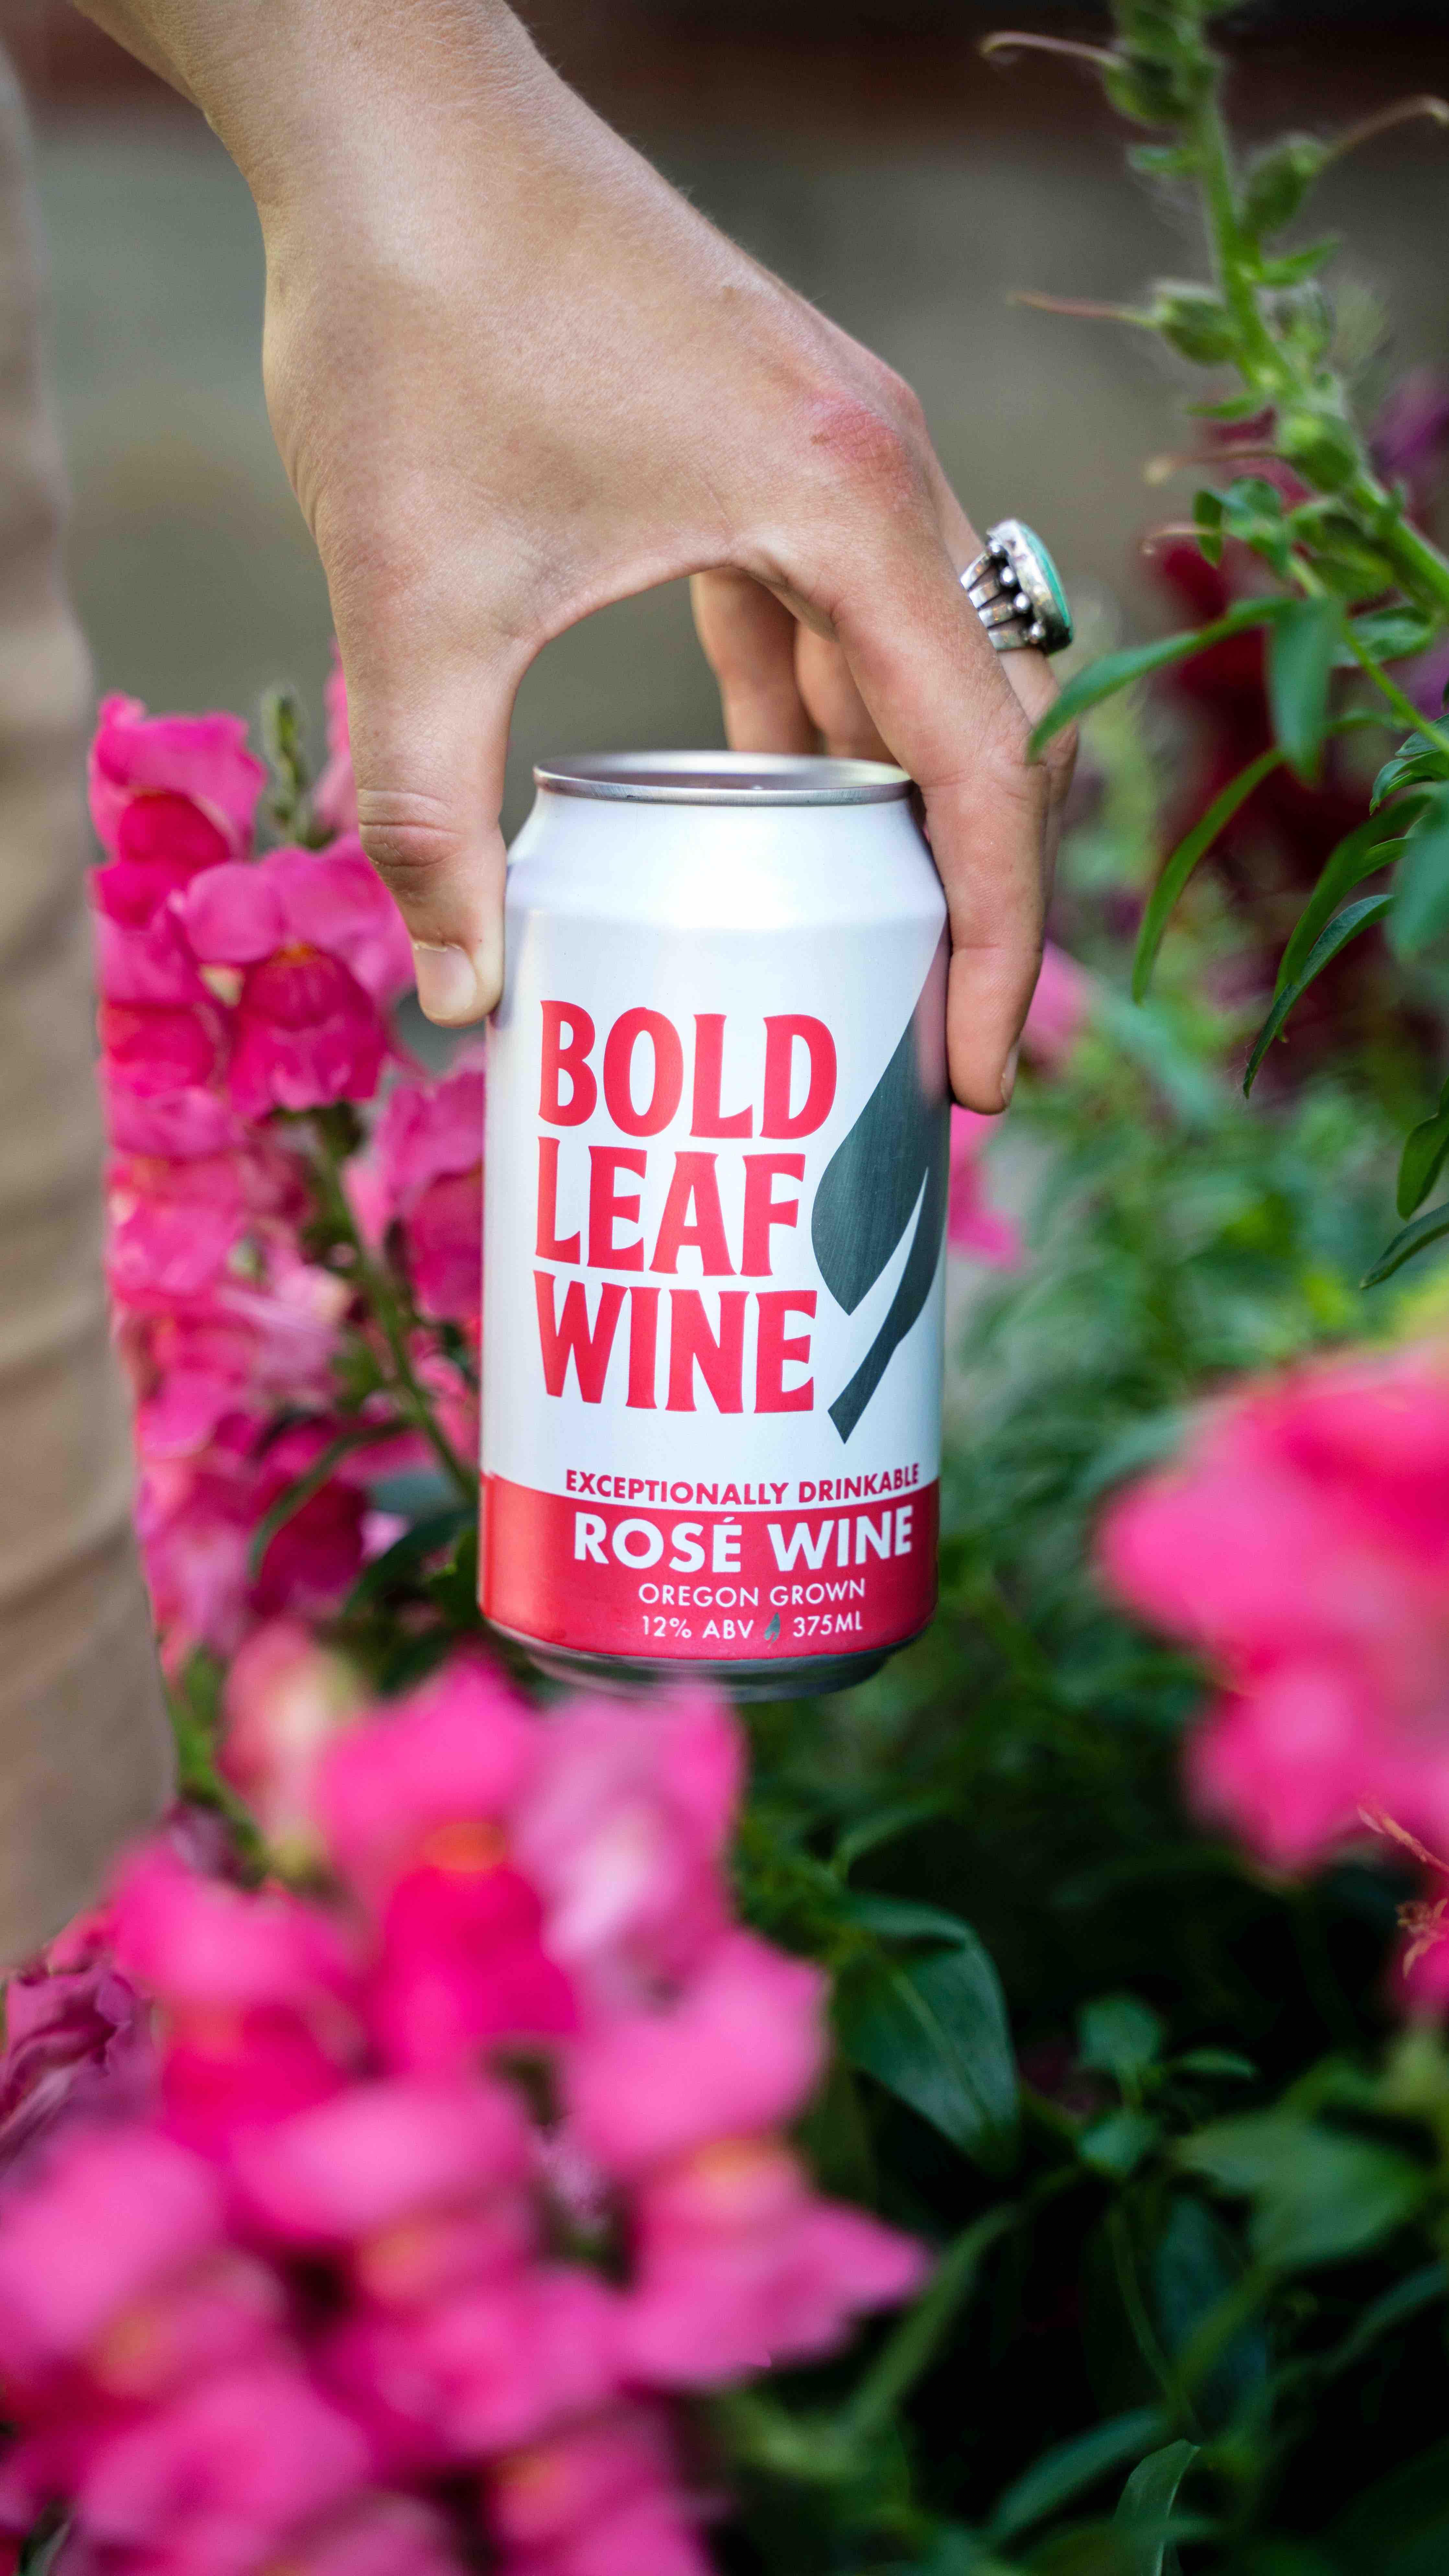 image of Rosé courtesy of Bold Leaf Wine